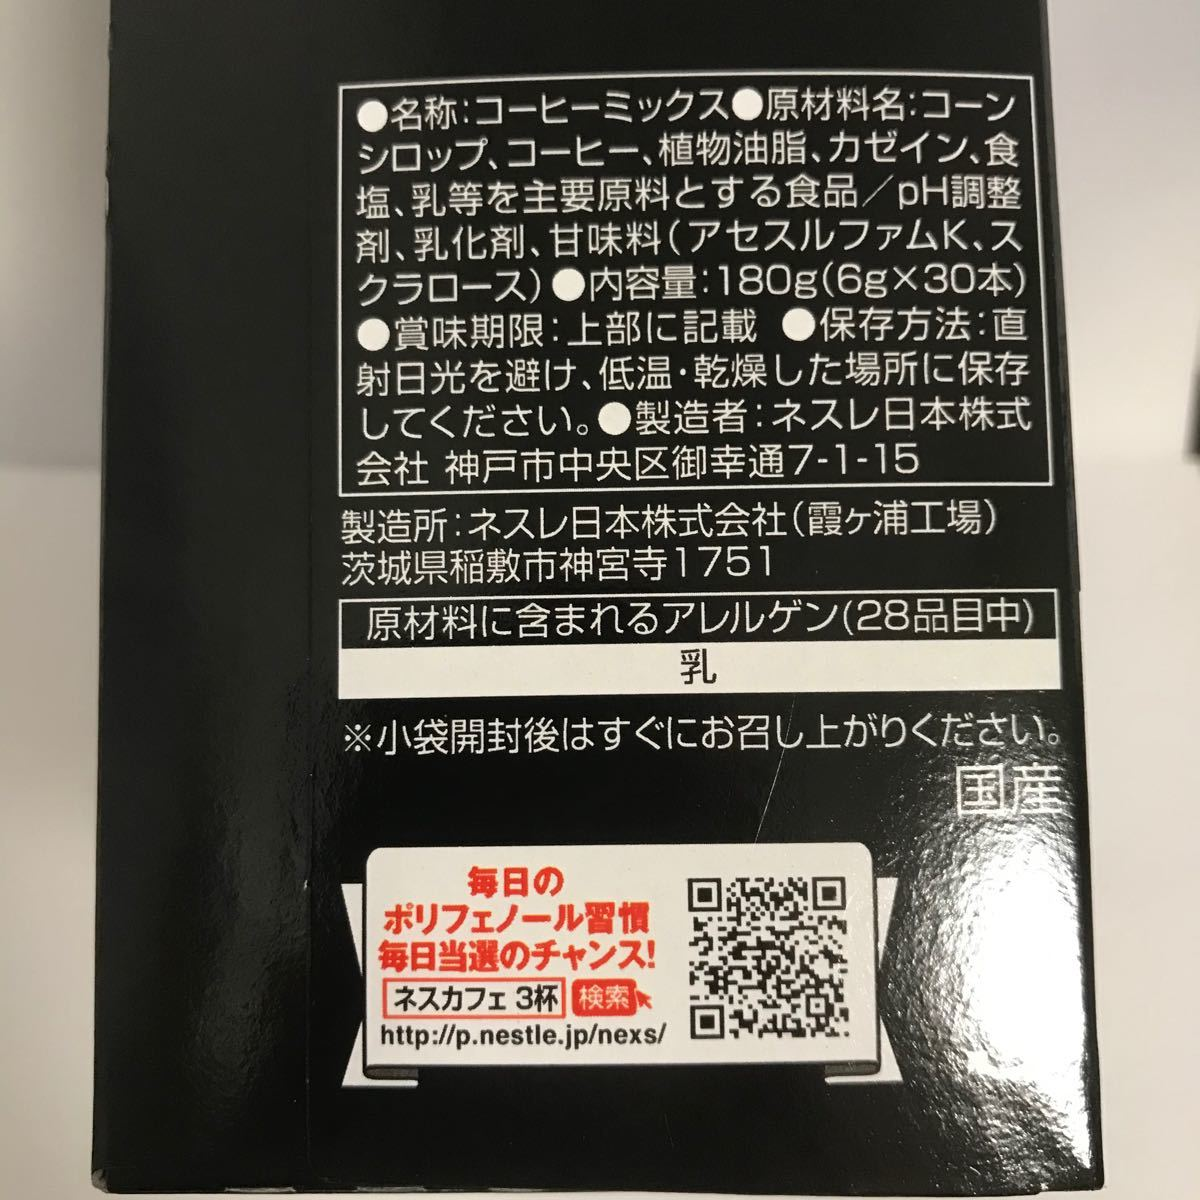 ネスレ ネスカフェ エクセラ ブラックロースト 2箱(60本分)